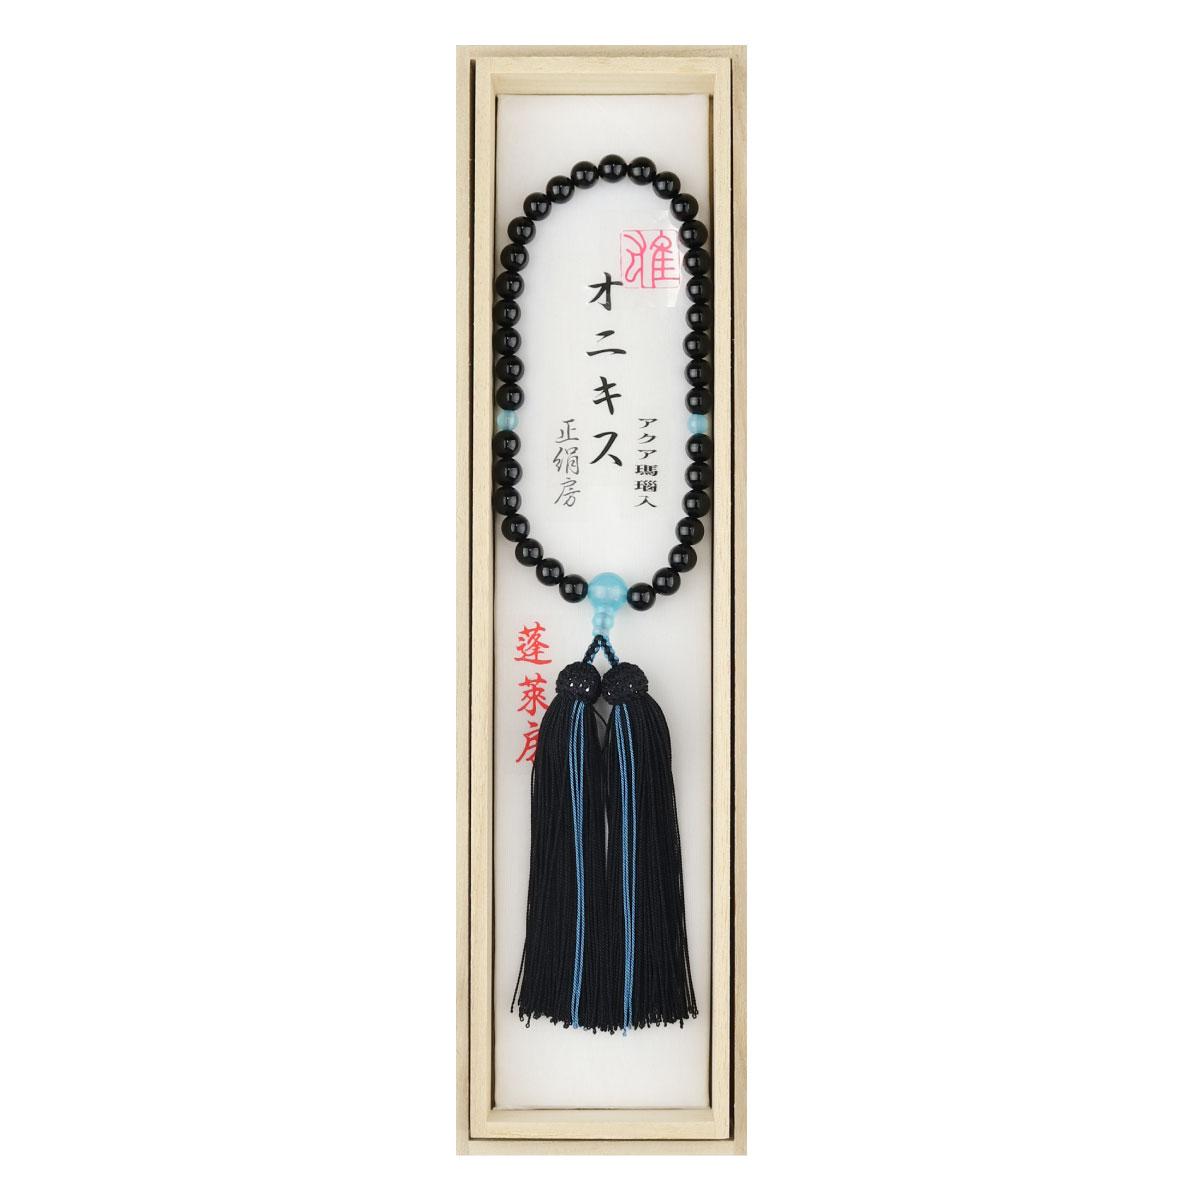 数珠 オニキス7mm(アクア瑪瑙仕立) 黒・水色ライン